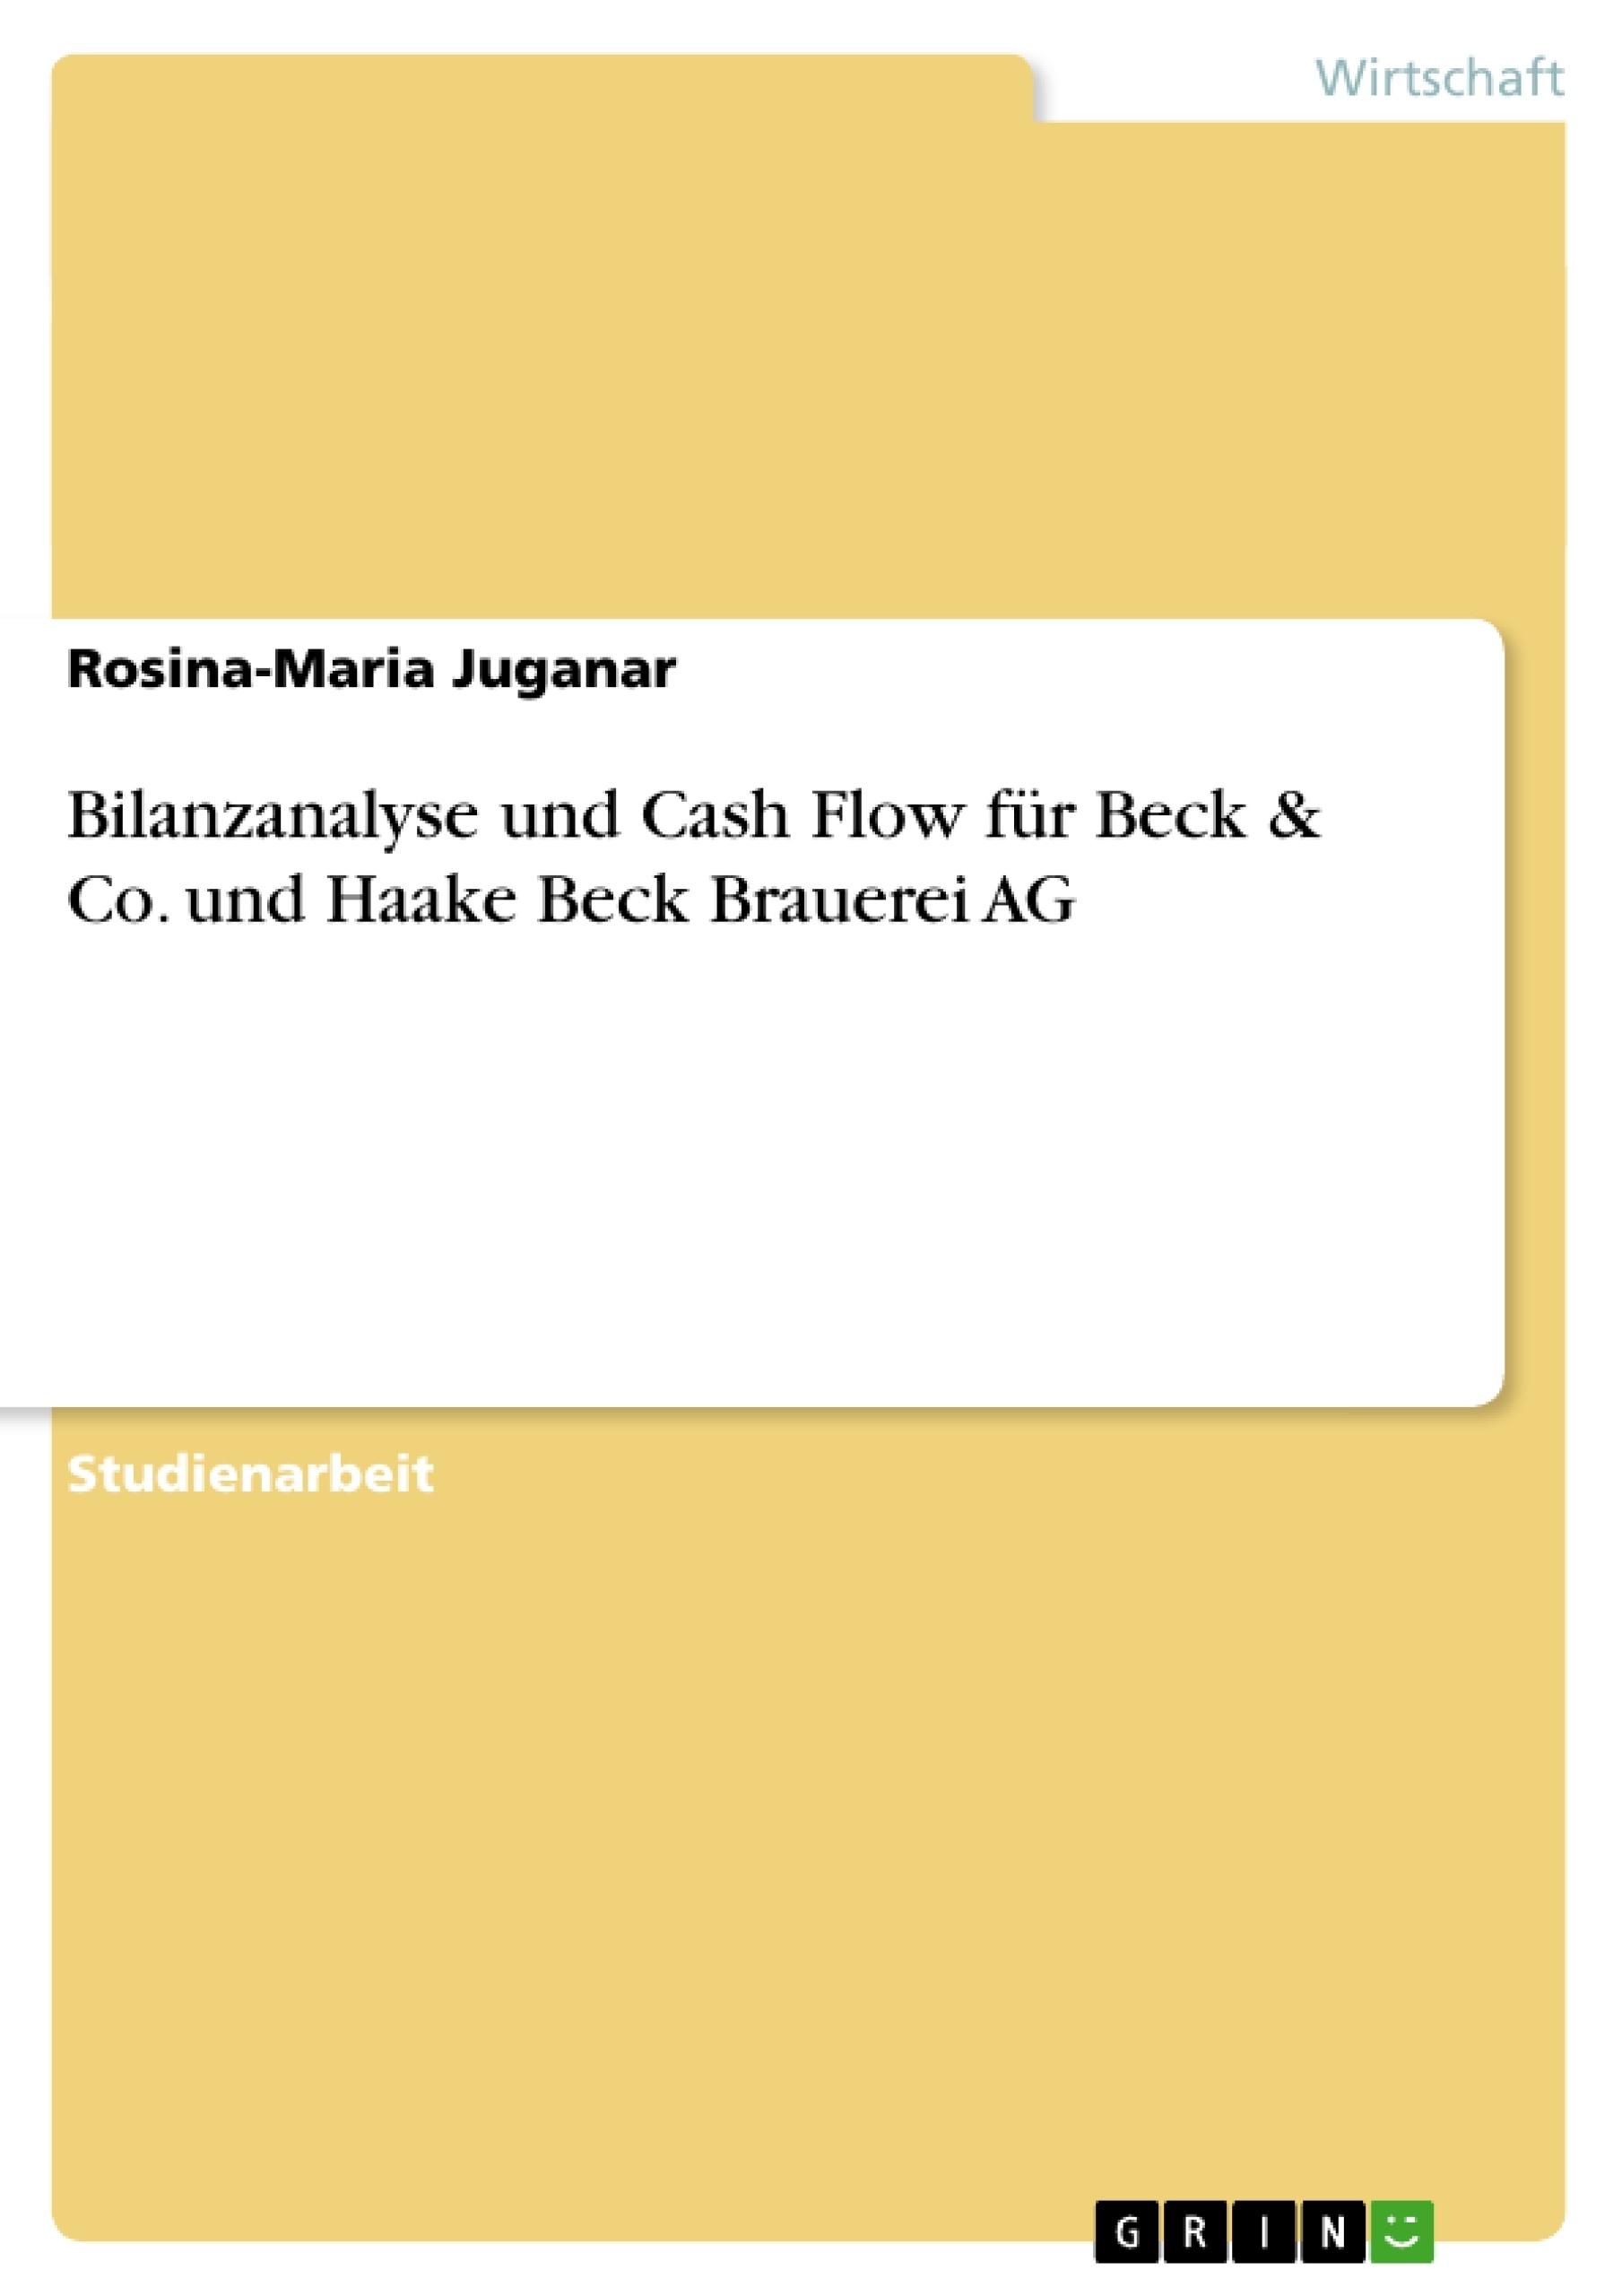 Titel: Bilanzanalyse und Cash Flow für Beck & Co. und Haake Beck Brauerei AG